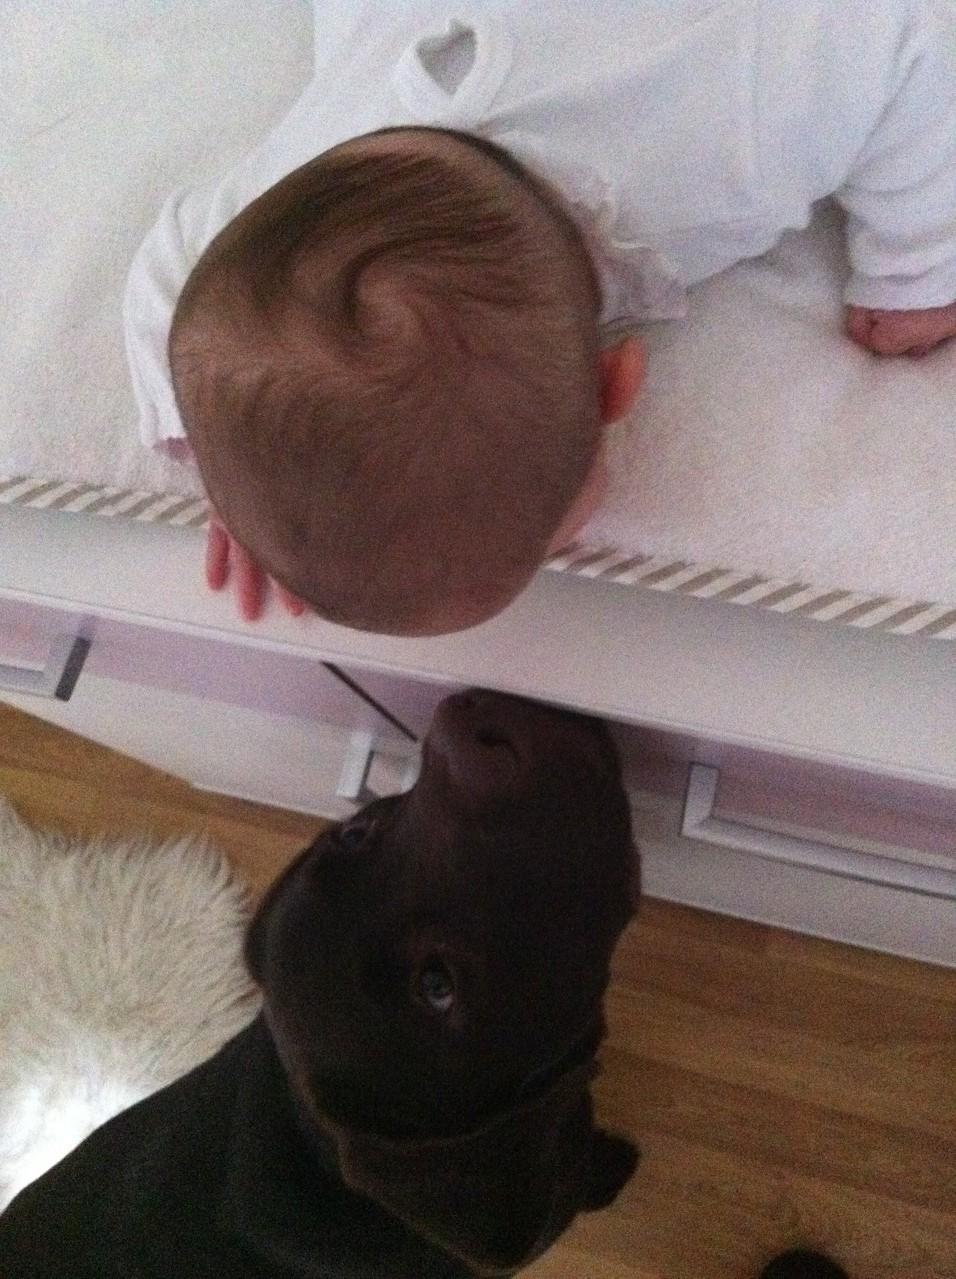 großer Bruder mit kleiner Schwester